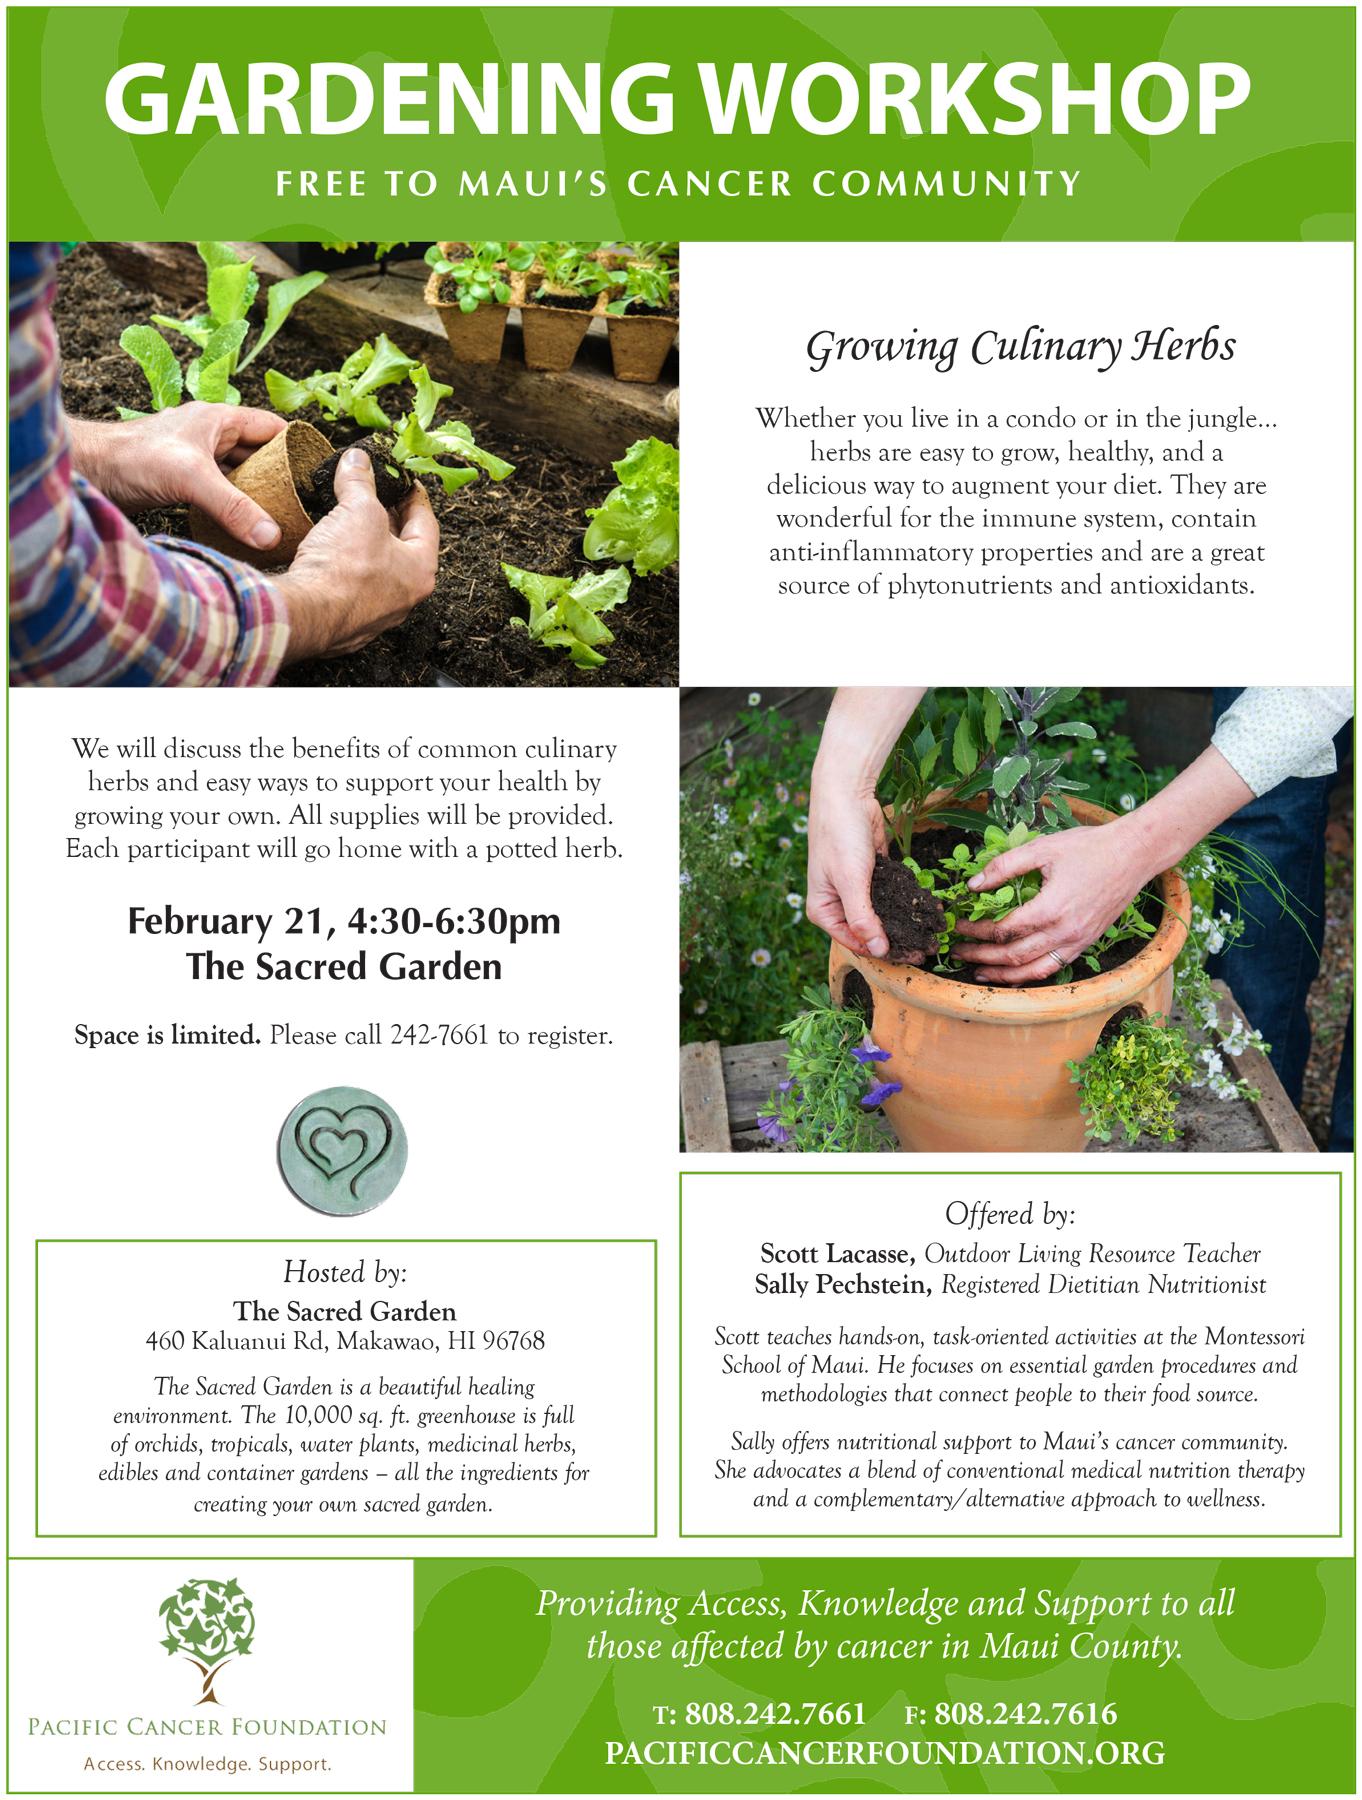 Gardening-Workshop-Flyer.jpg